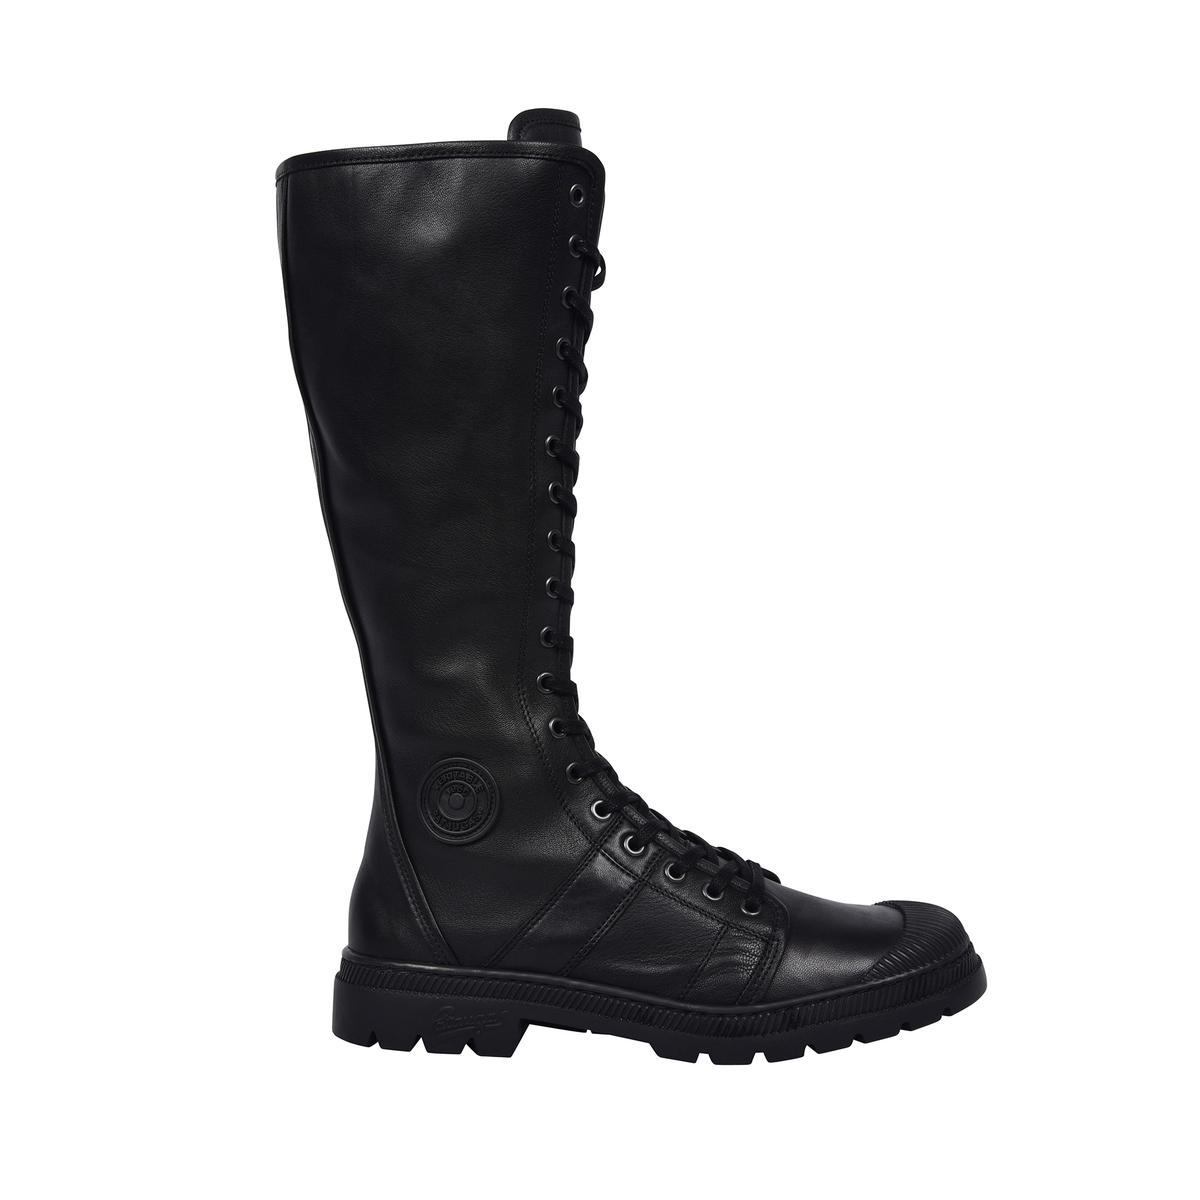 Сапоги кожаные на шнуровке Alto сапоги кожаные